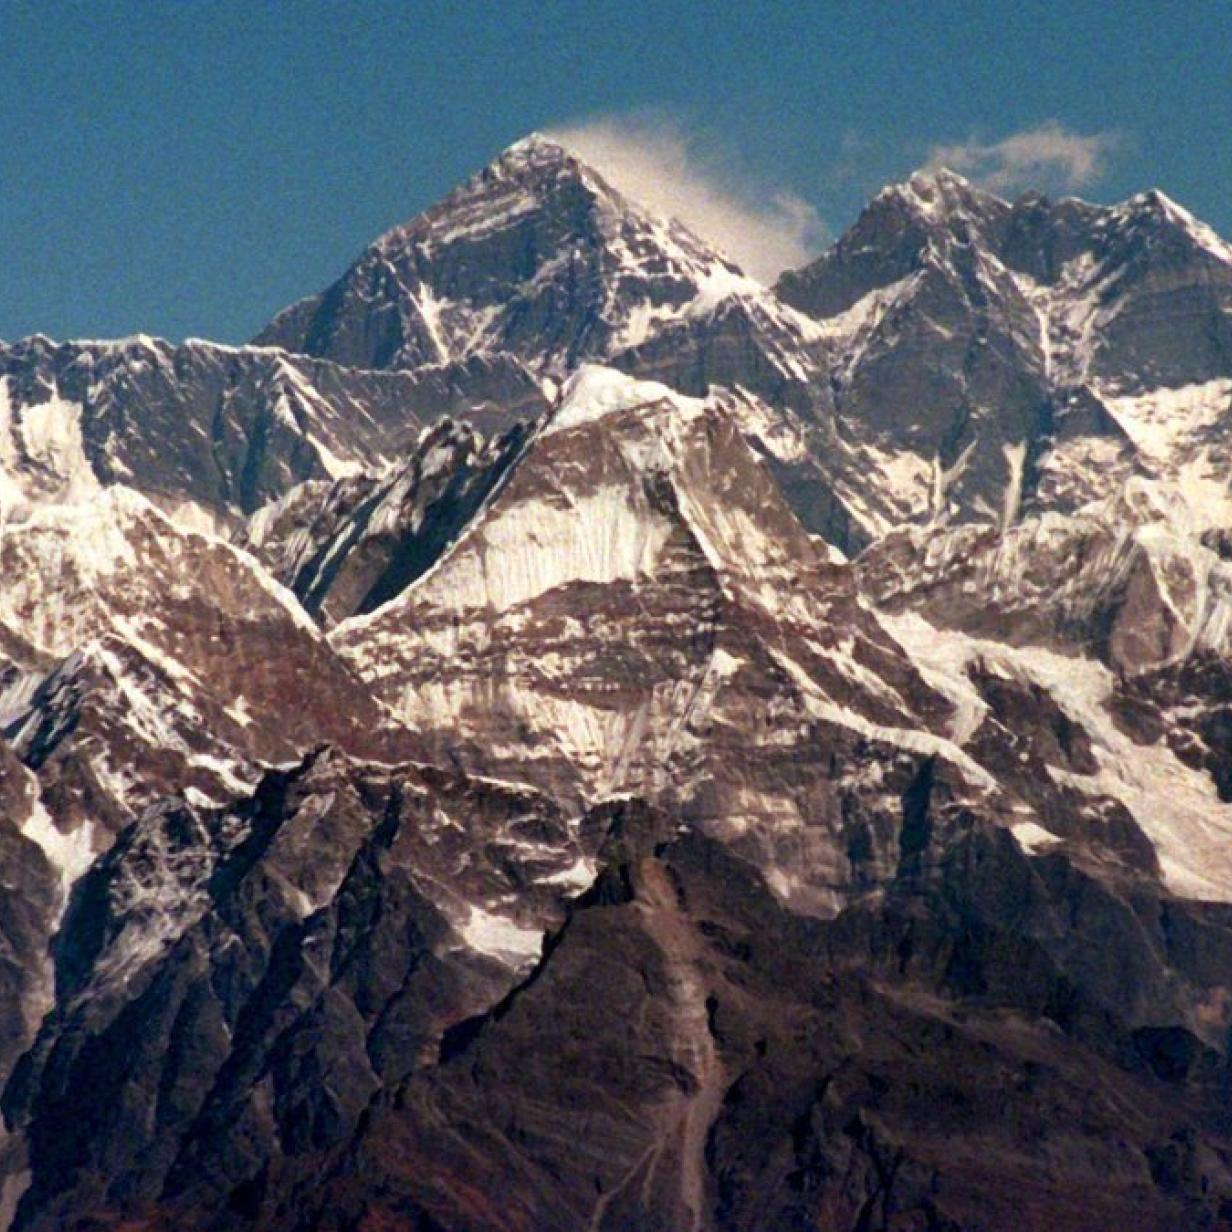 Steirischer Bergsteiger starb am Weg zu Mount Everest